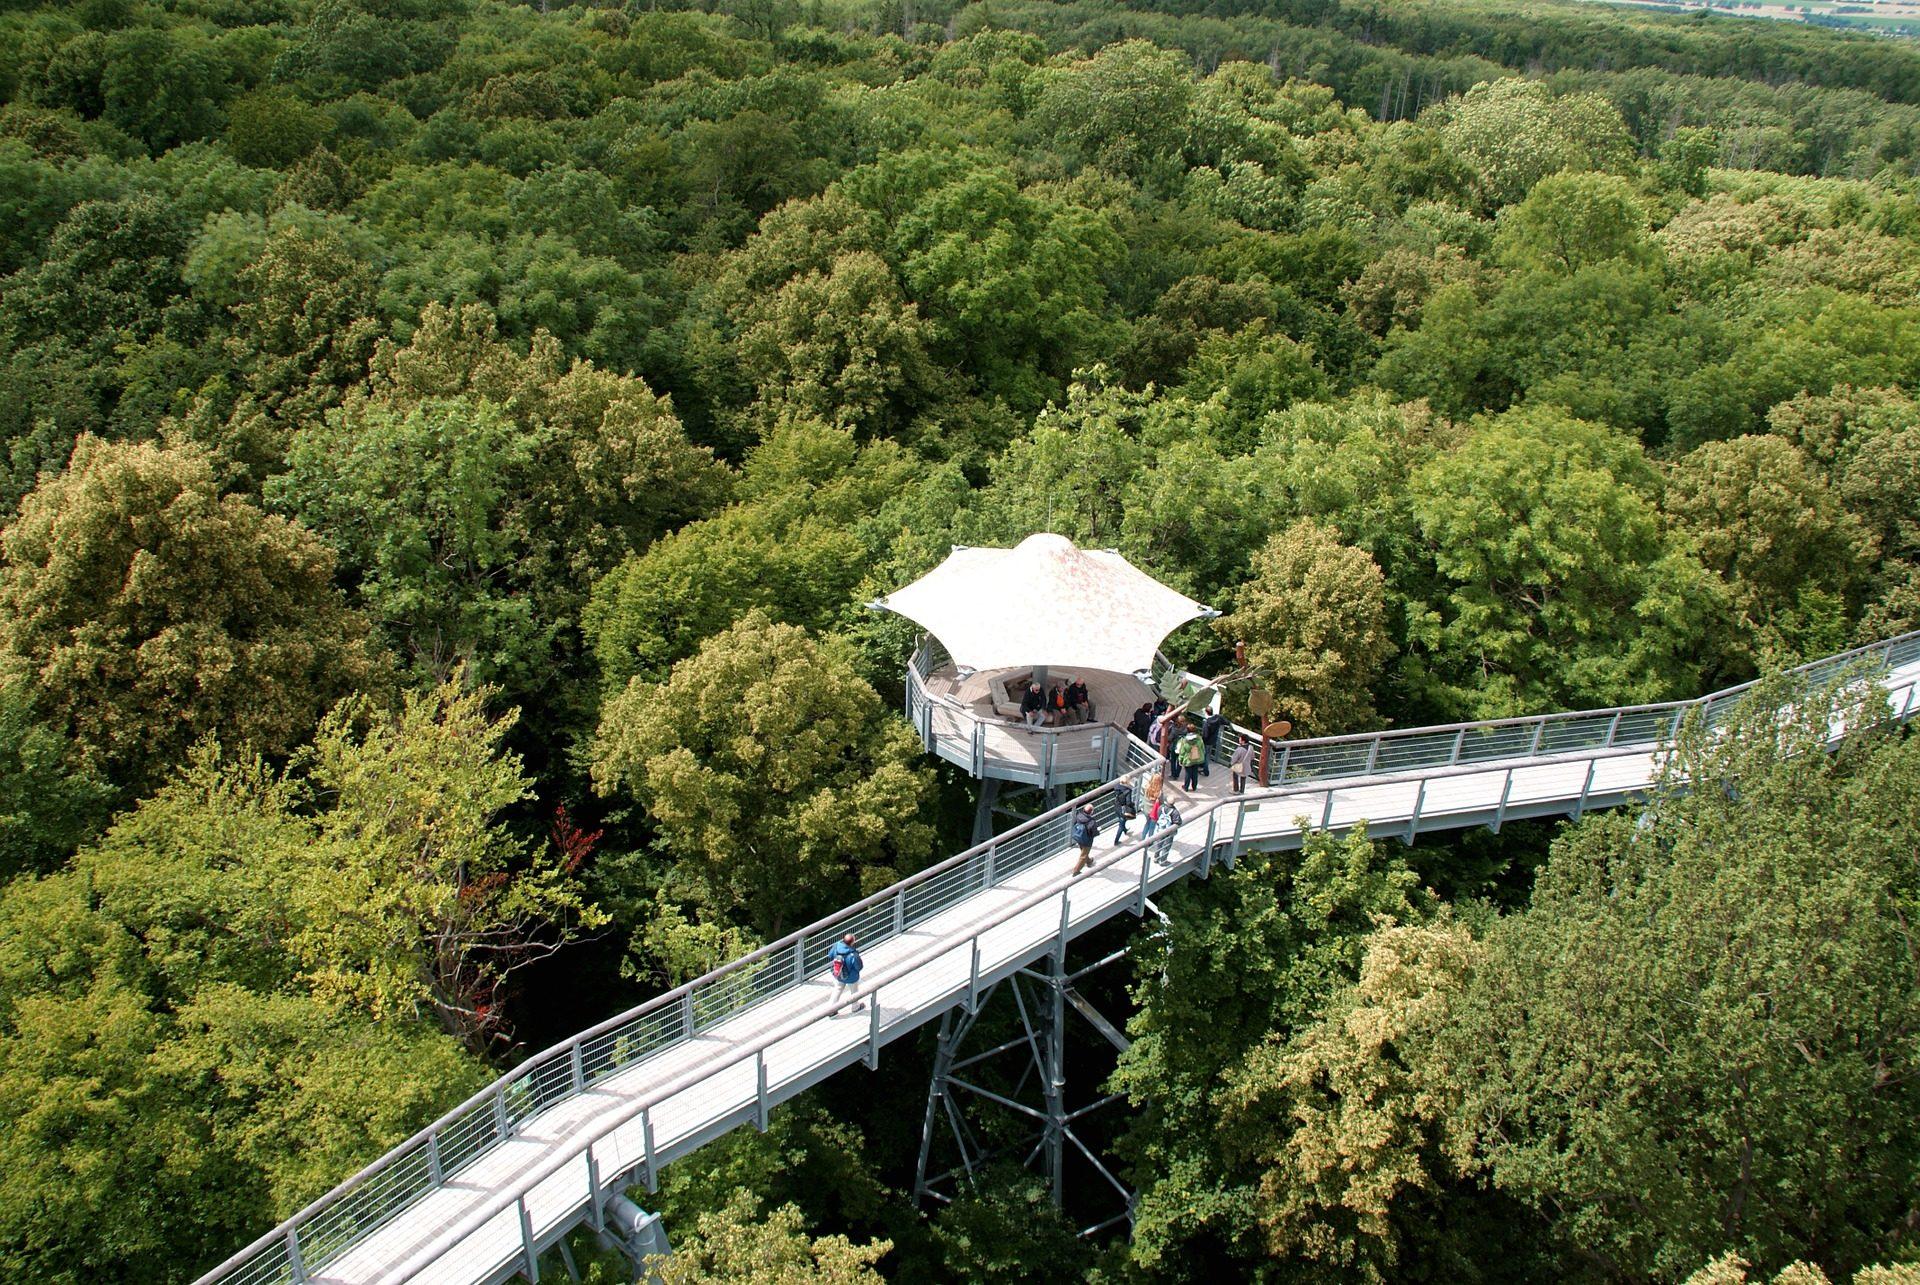 الغابات, الأشجار, مرور, عالية, وجهة نظر, [ثورينجا], ألمانيا - خلفيات عالية الدقة - أستاذ falken.com